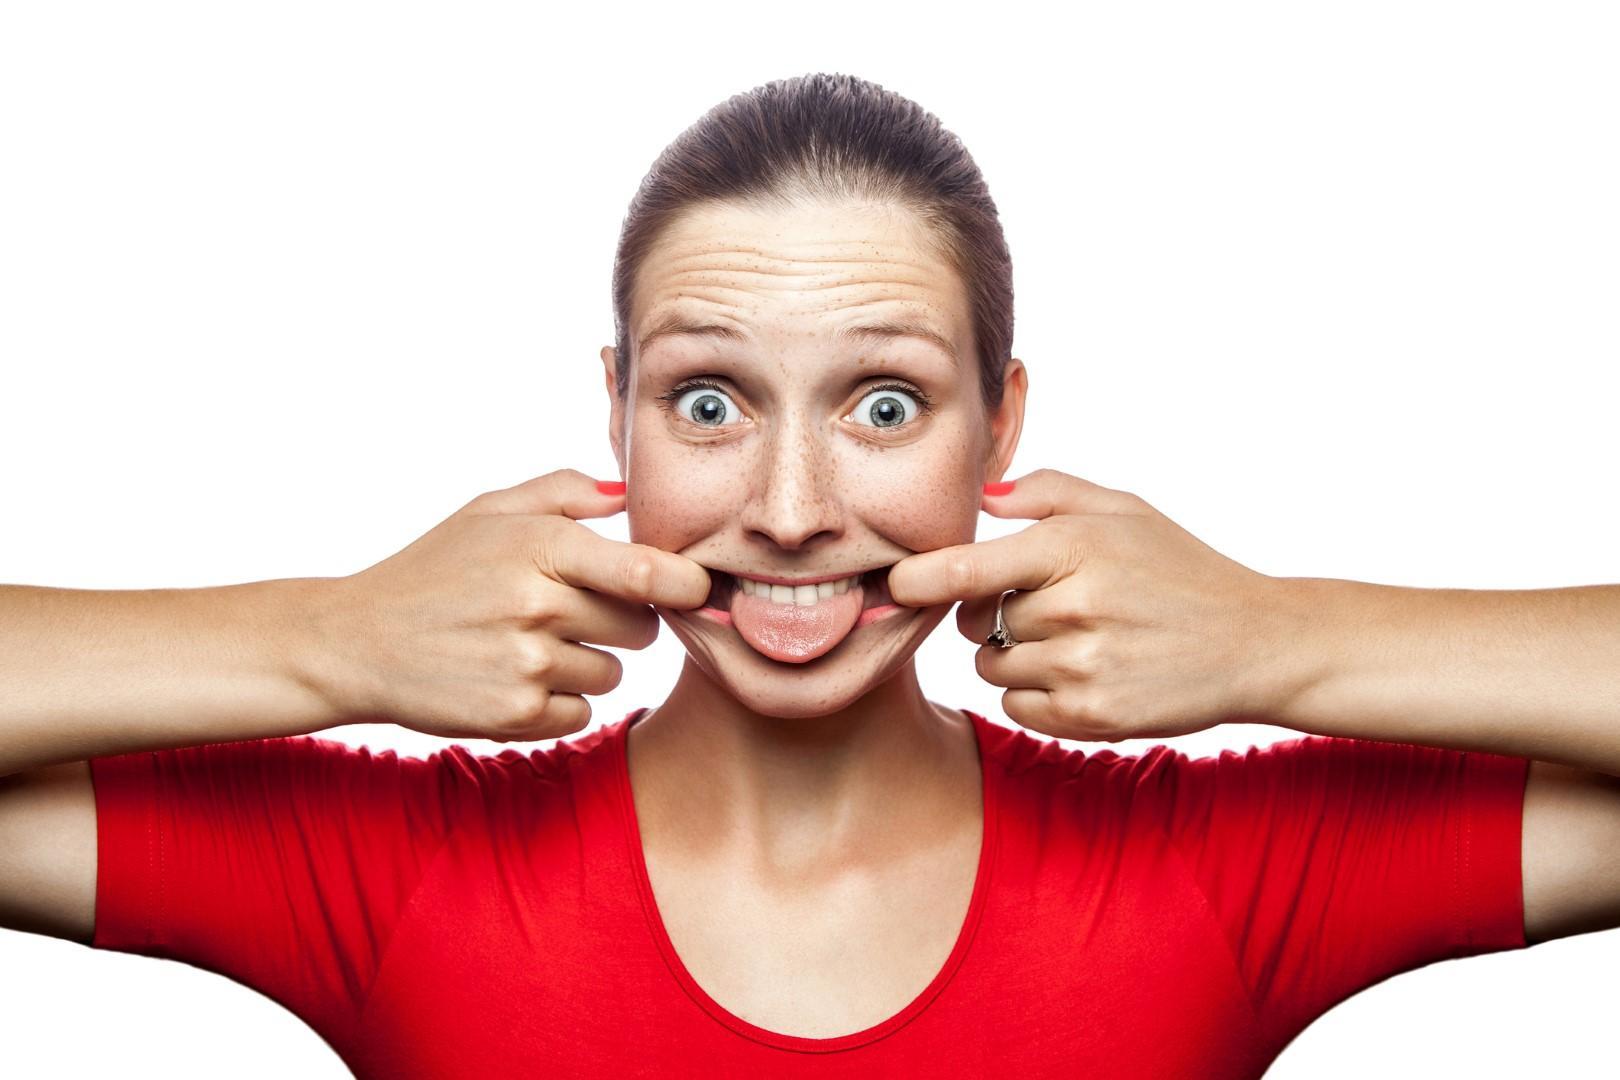 ginnastica facciale contro le rughe